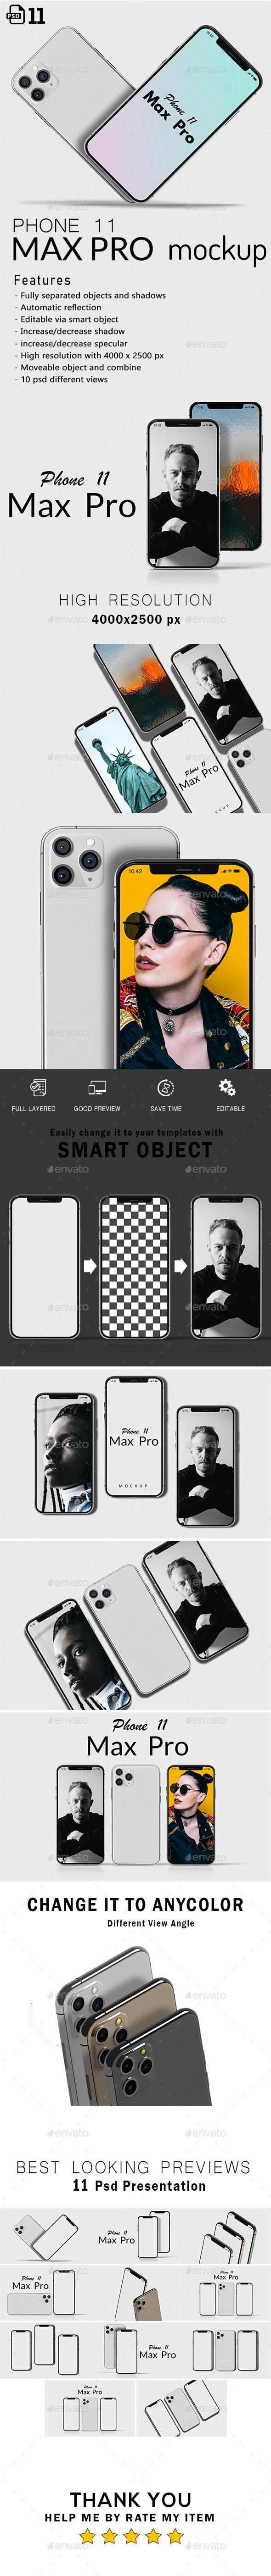 Phone 11 Max Pro Layered Mockup - Mobile Displays